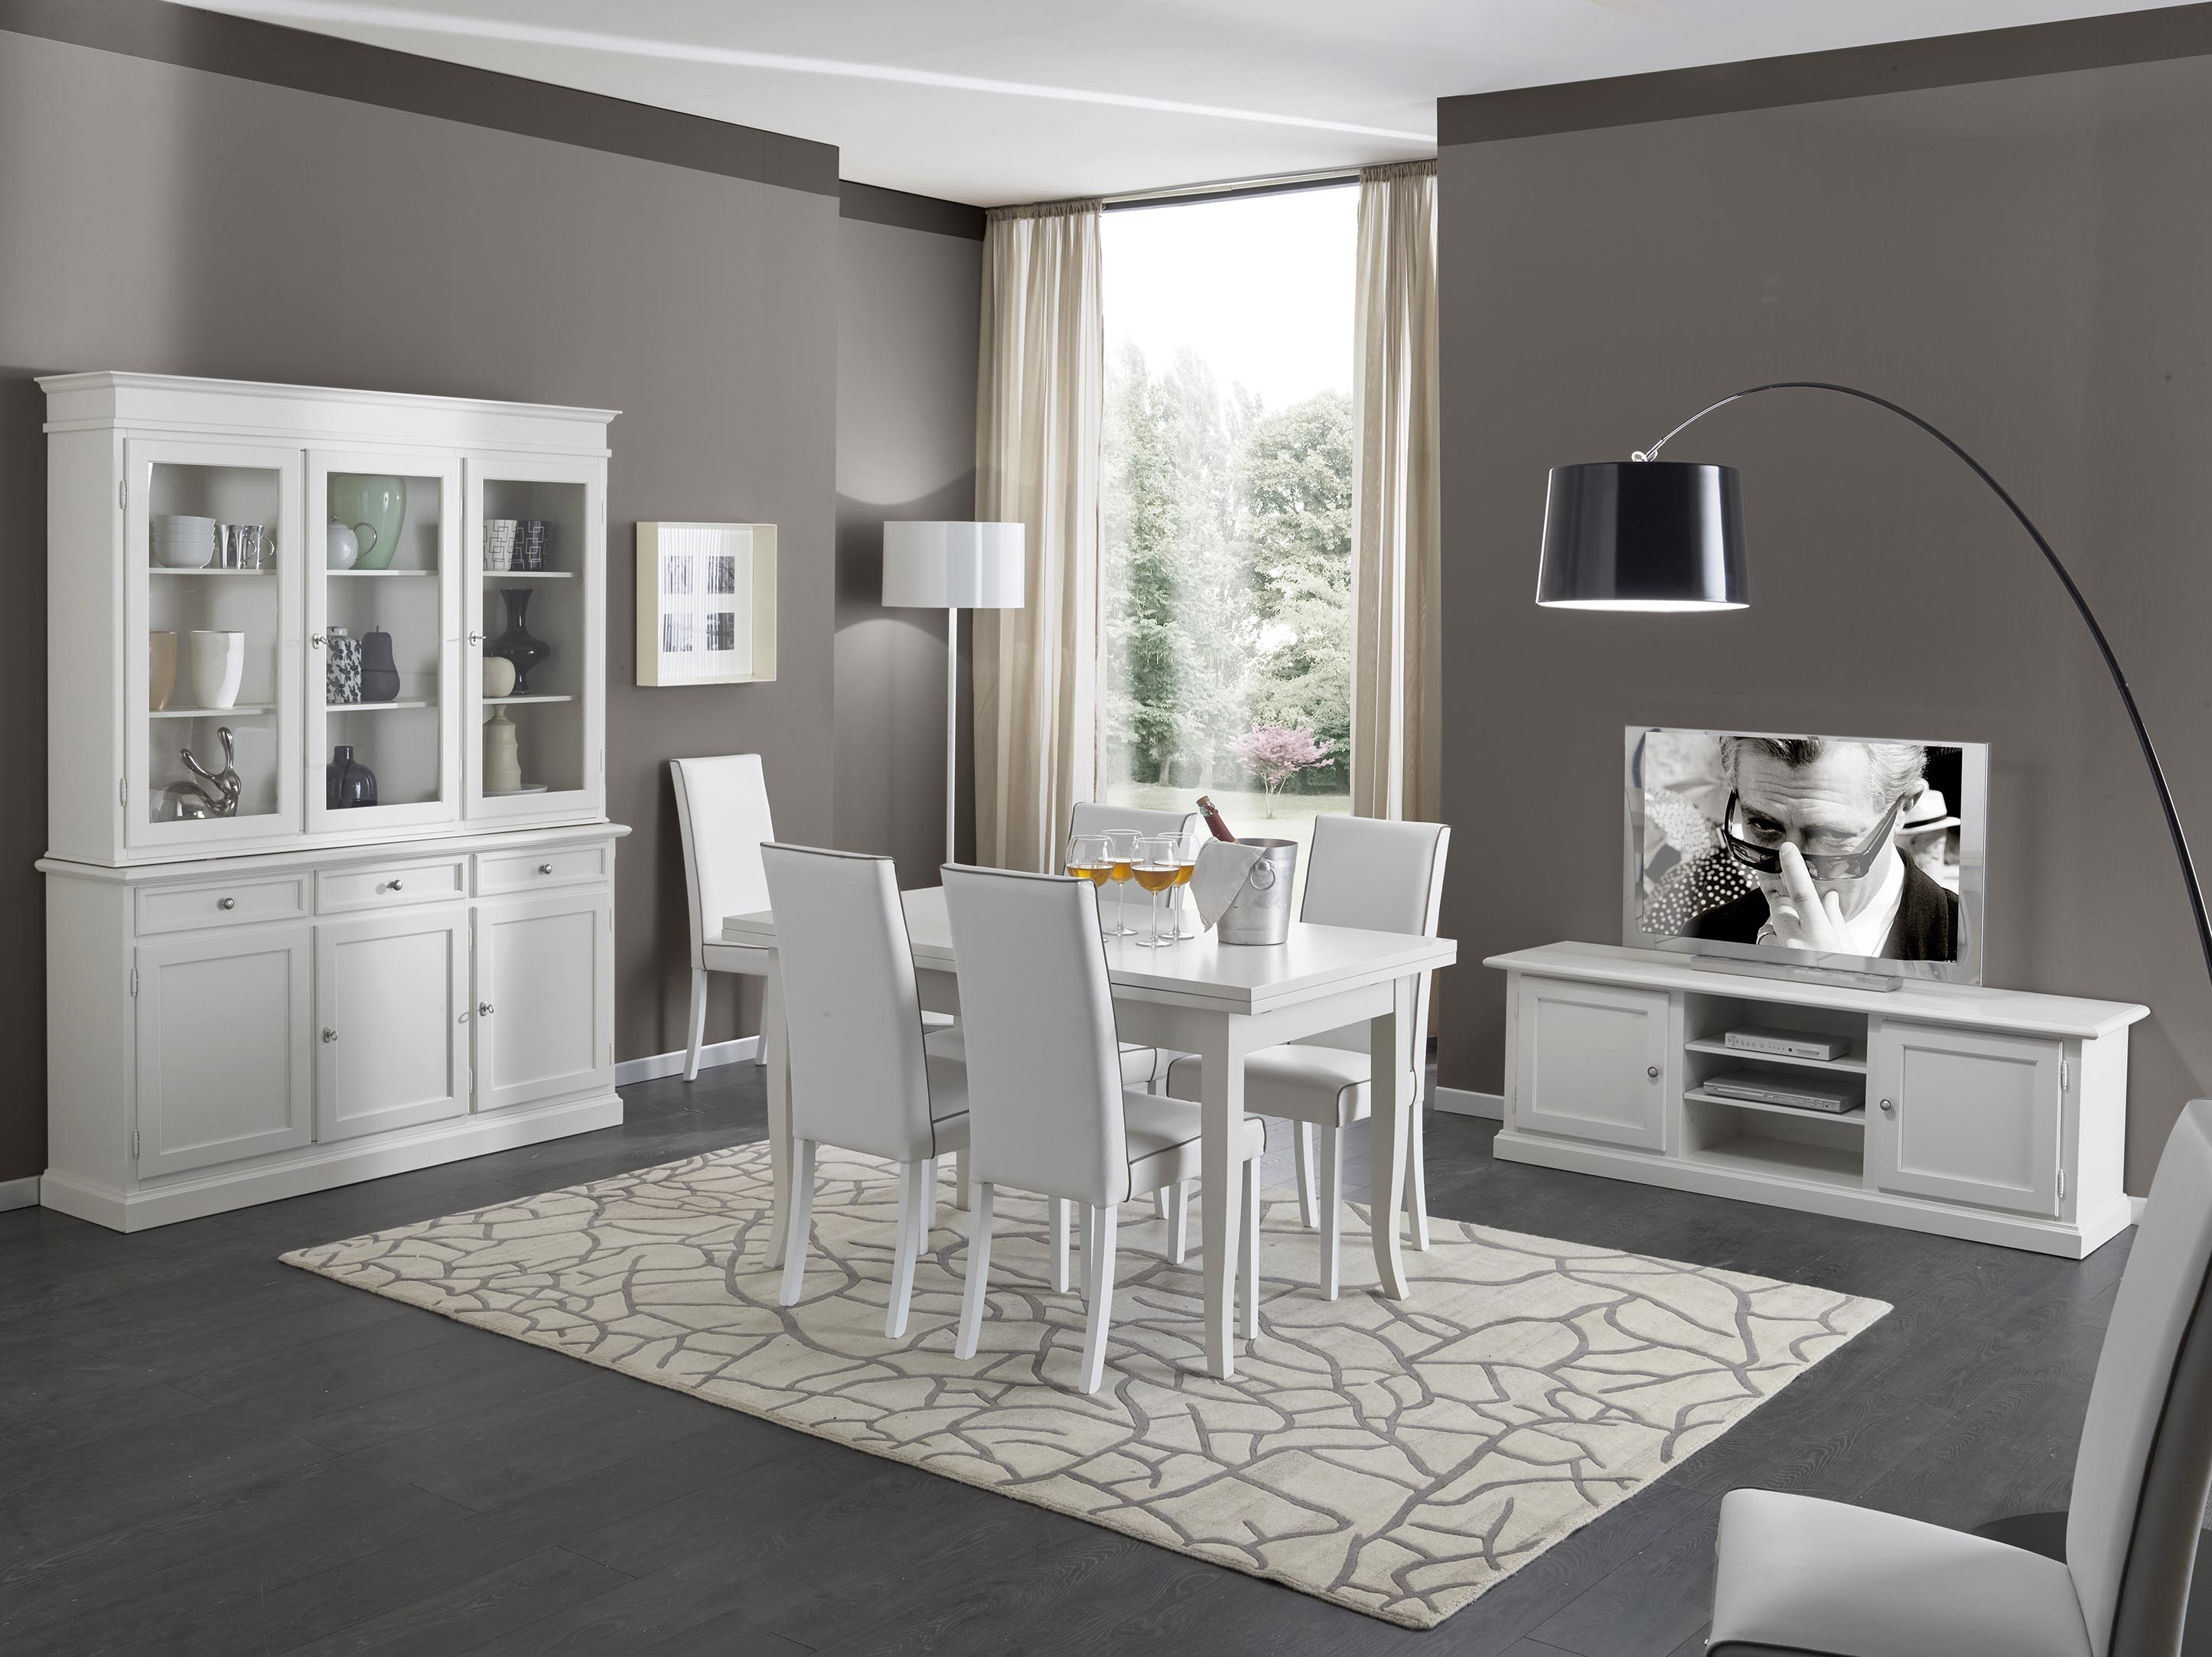 Soggiorno in legno bianco con tavolo sedie mobile tv e Mobili per la sala